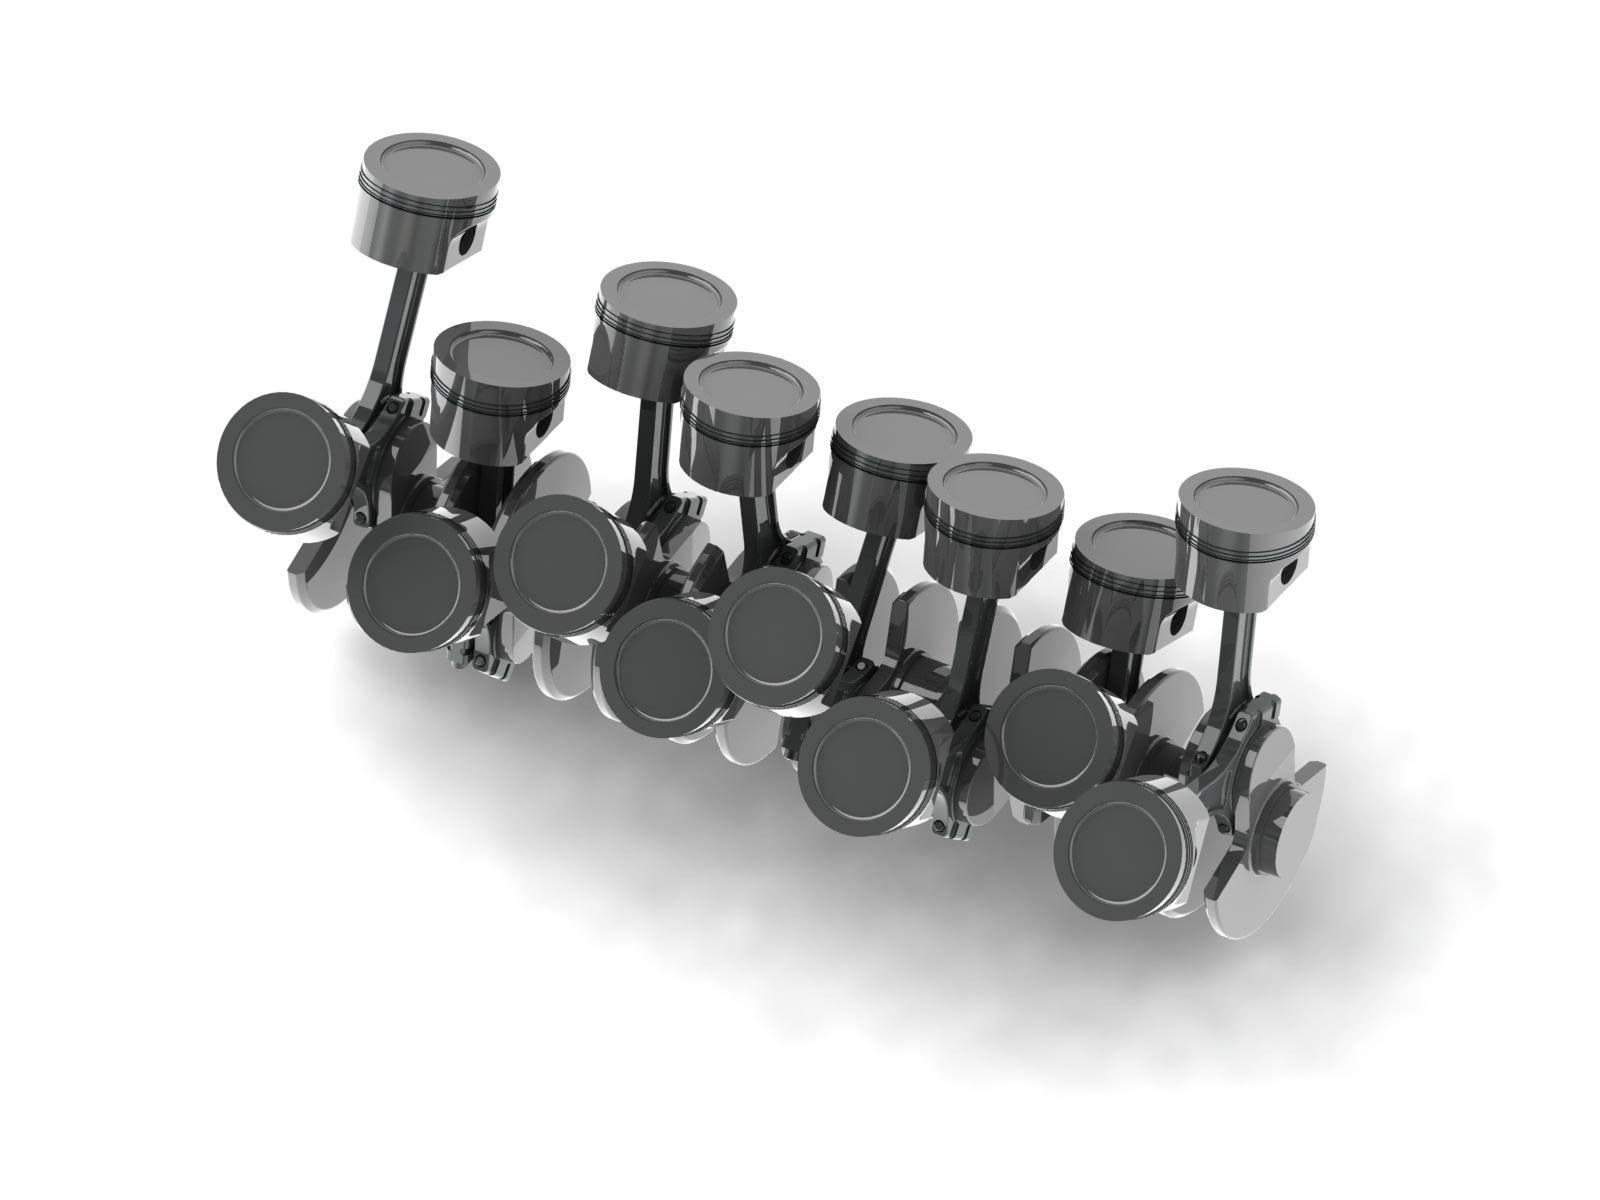 w16 engine cranktrain free 3d model. Black Bedroom Furniture Sets. Home Design Ideas